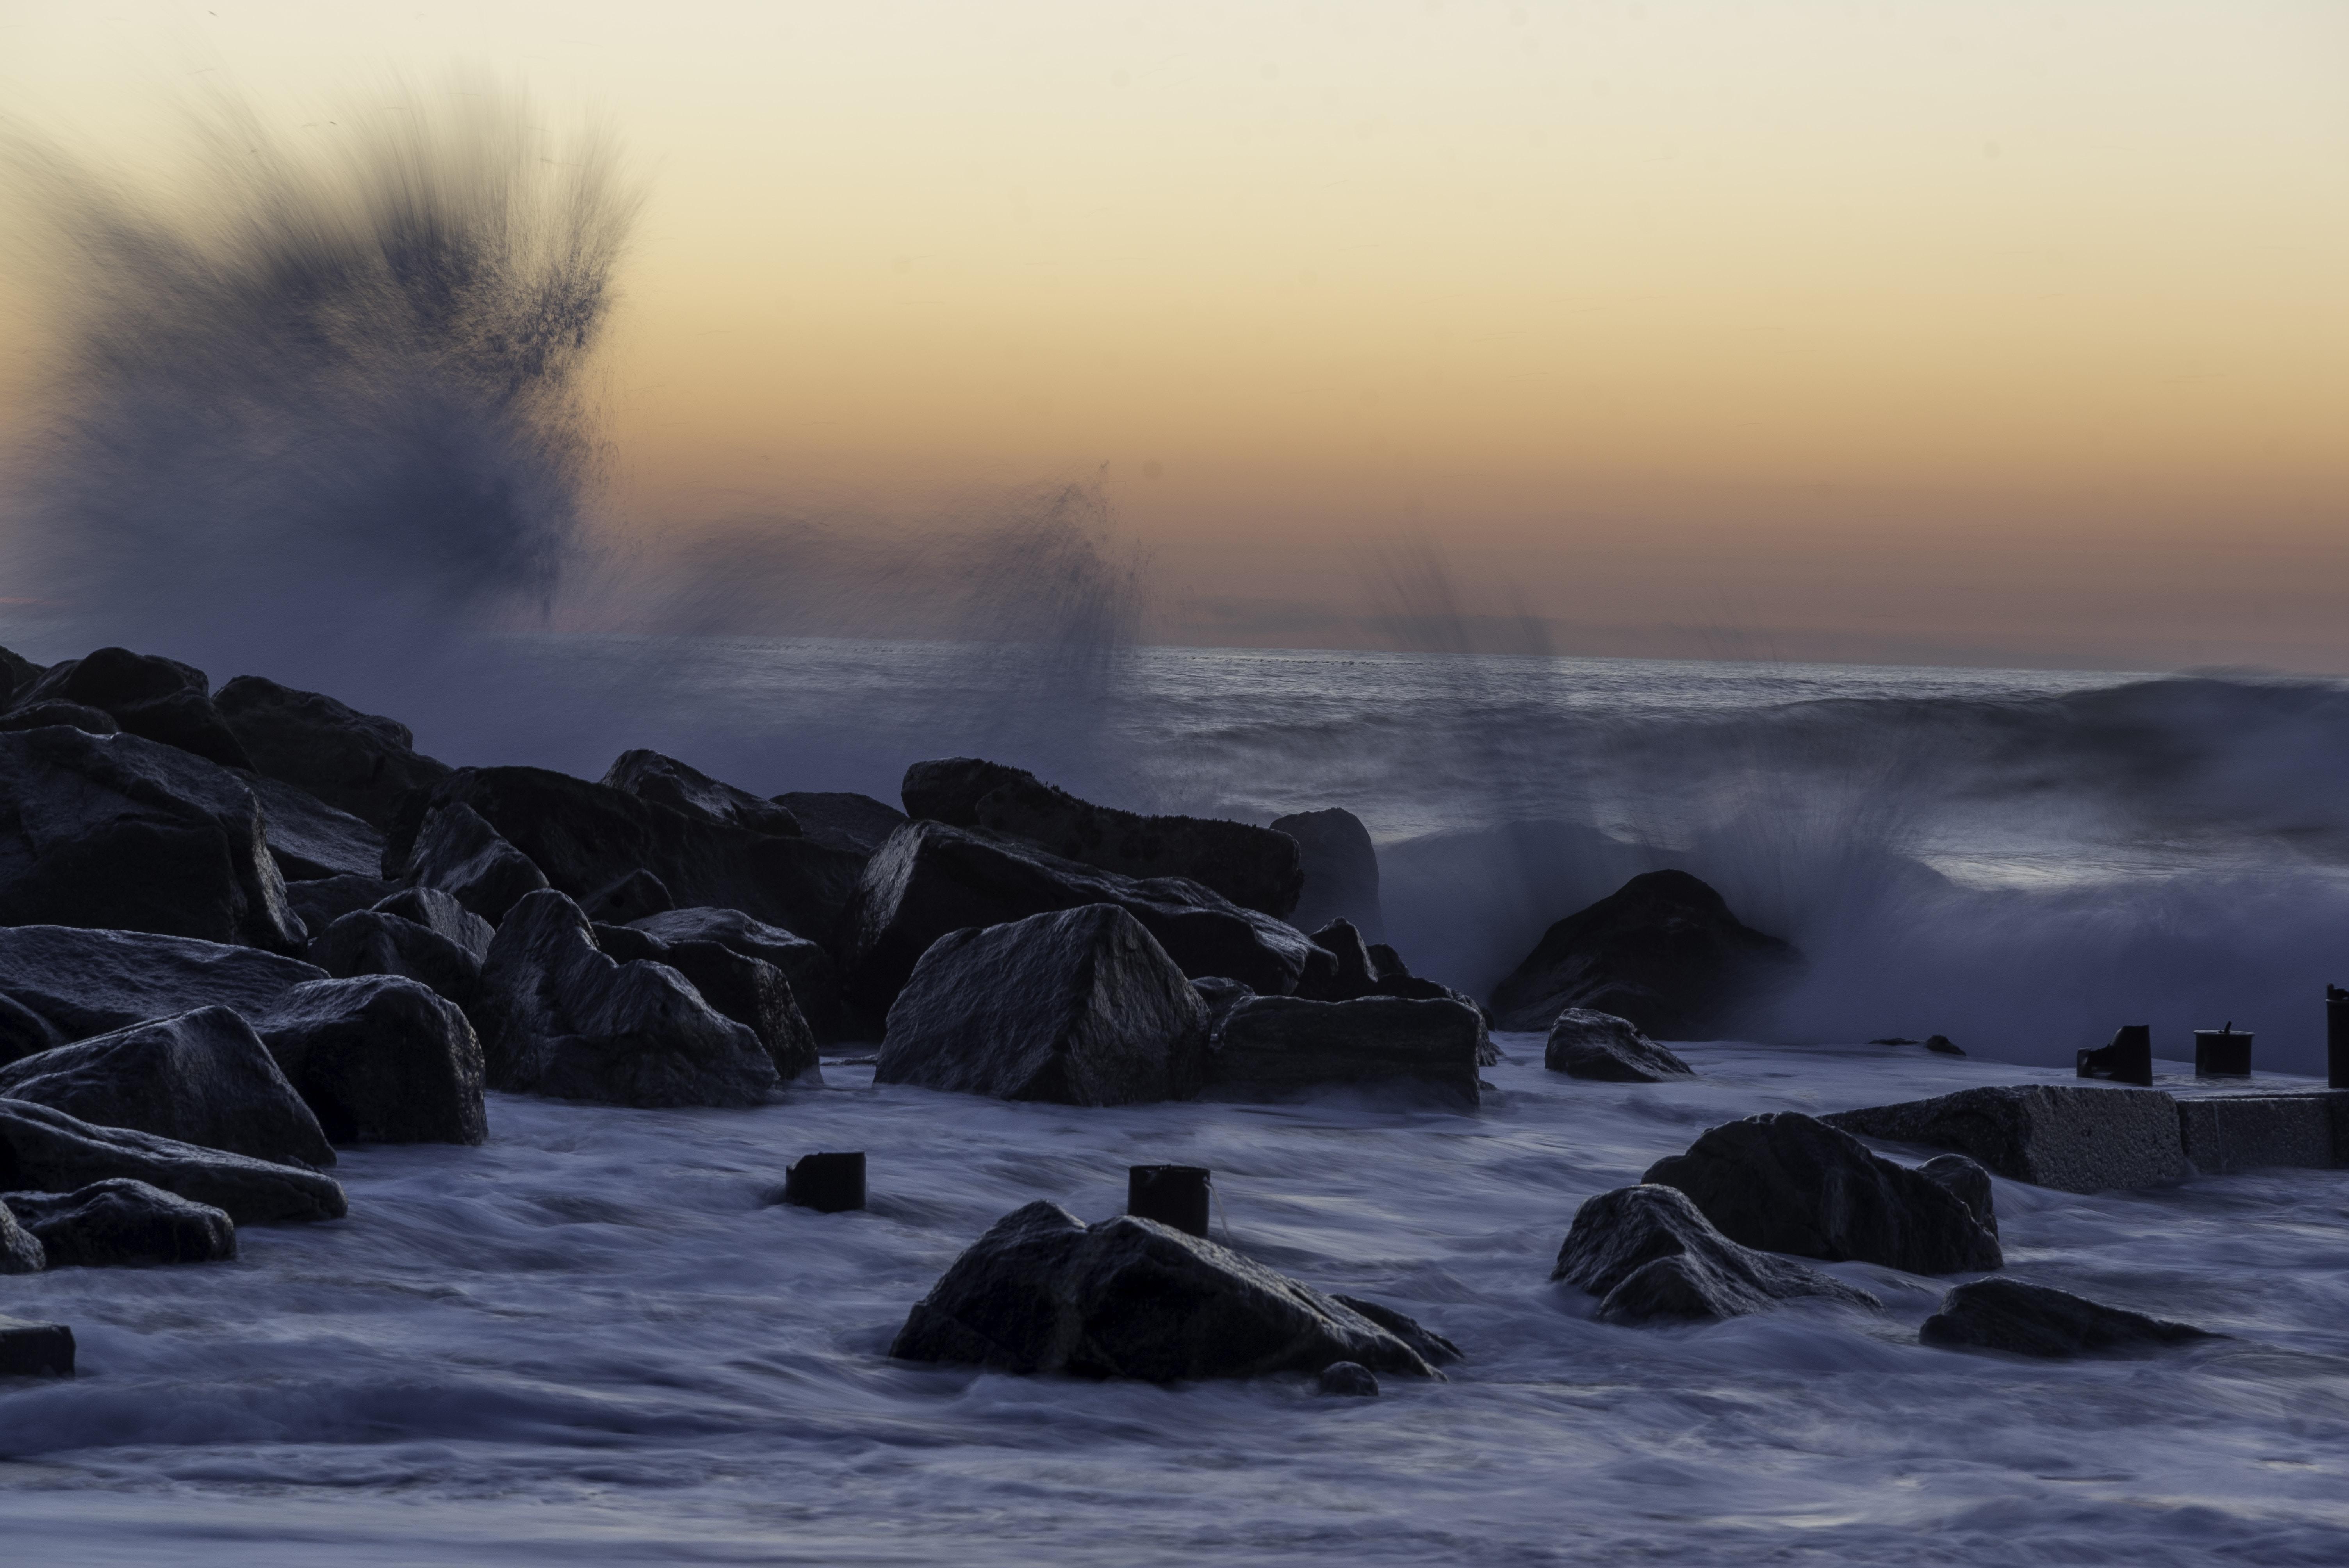 black rocks of splashing body of water